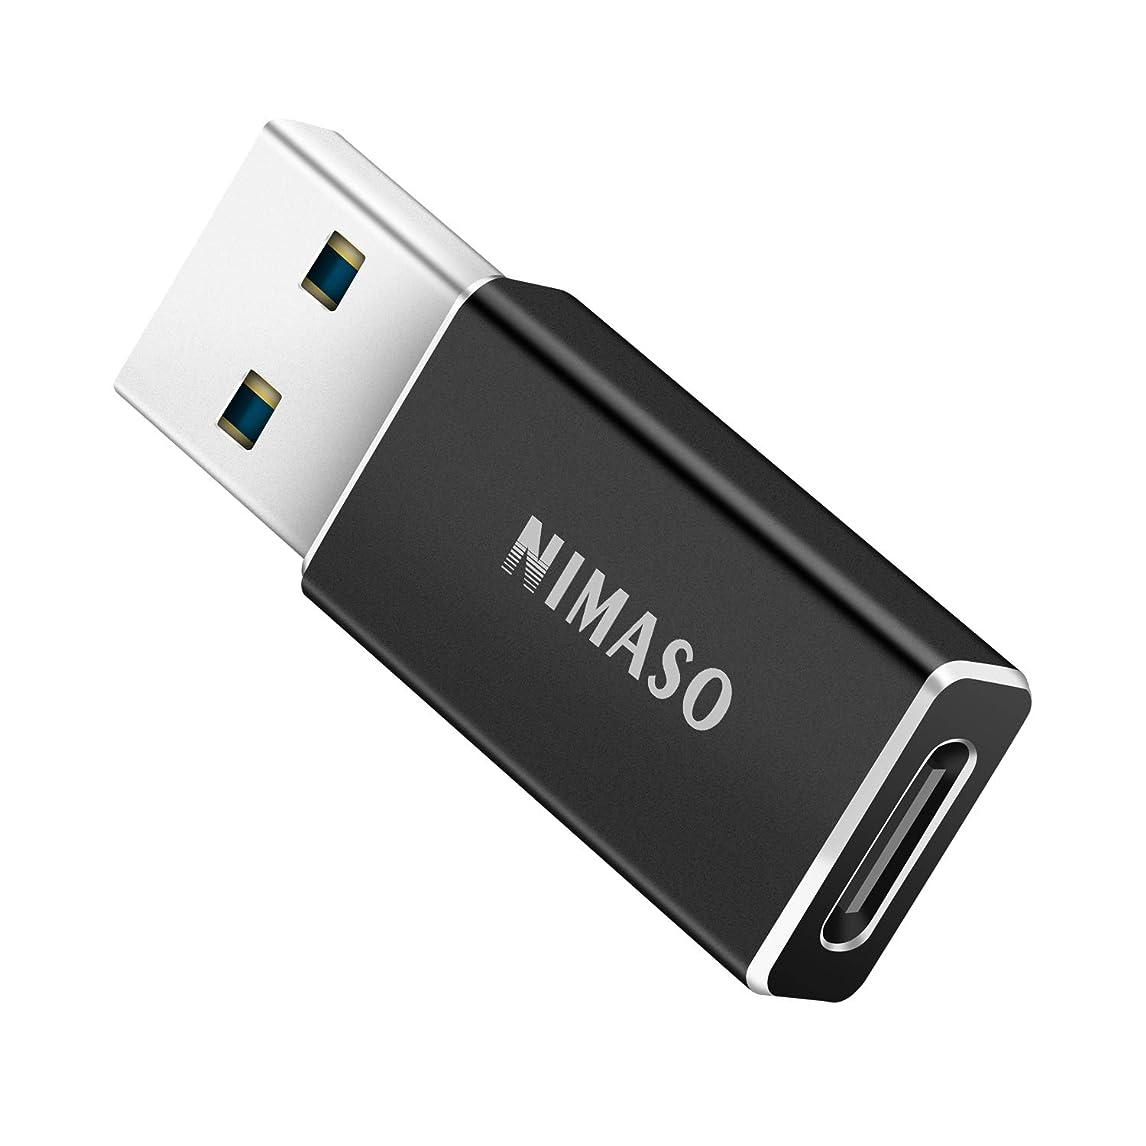 人事癒す静的90° USB C タイプC オス - メス への転換 アダプター AFUNTA 右 & 左 また 上 & 下 90度 USB-C USB 3.1 Type-C アダプタ